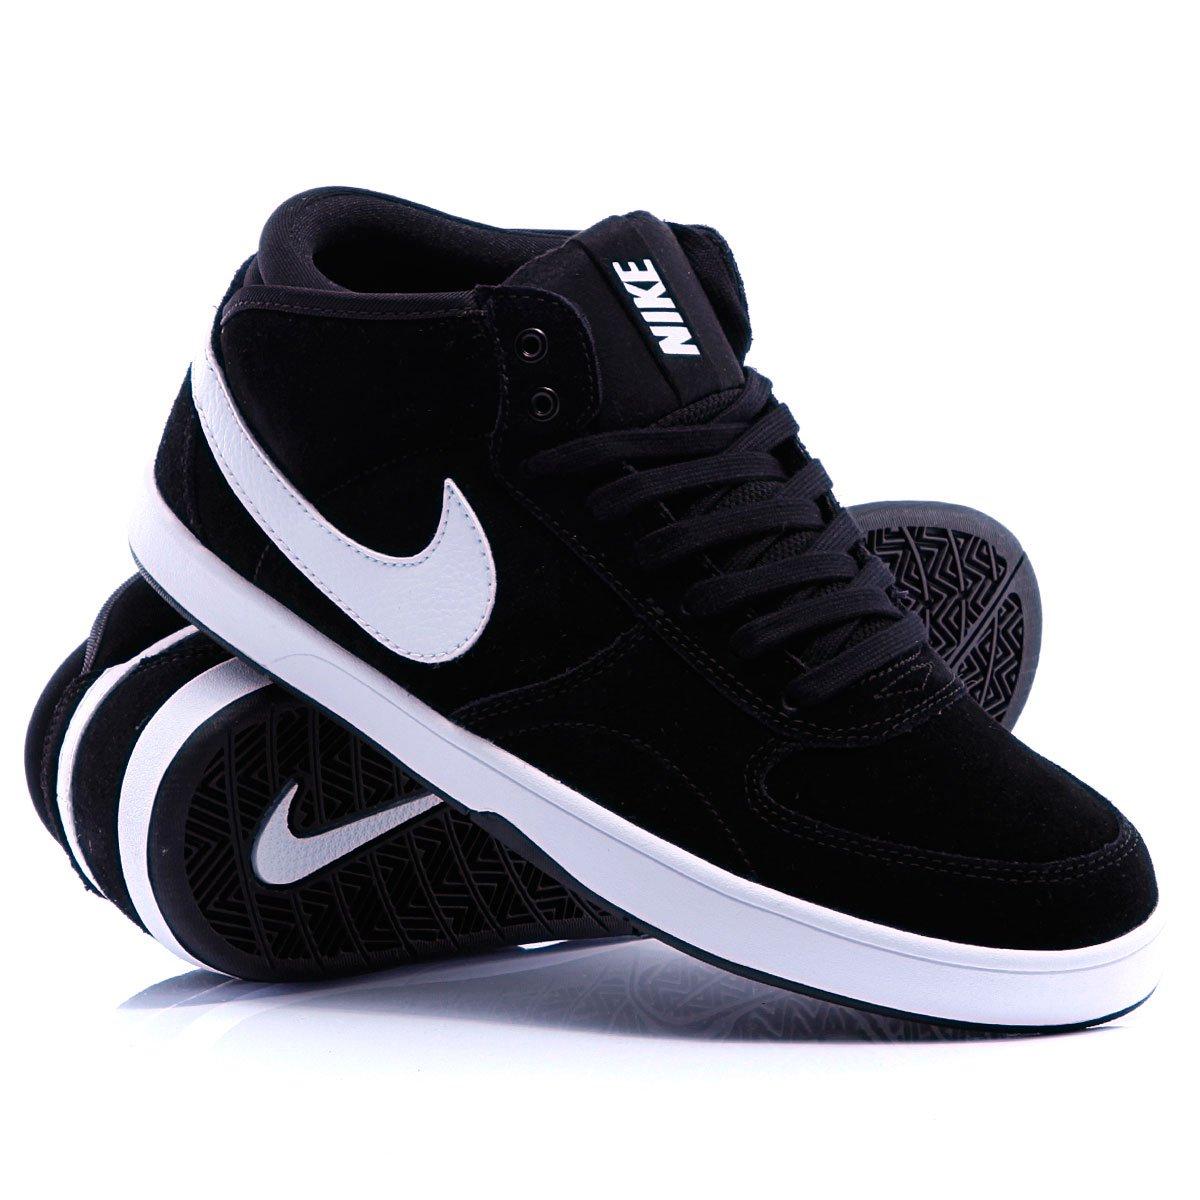 5bade691 Купить кеды высокие Nike Maverick Mid 3 Black/White (510974-010) в ...